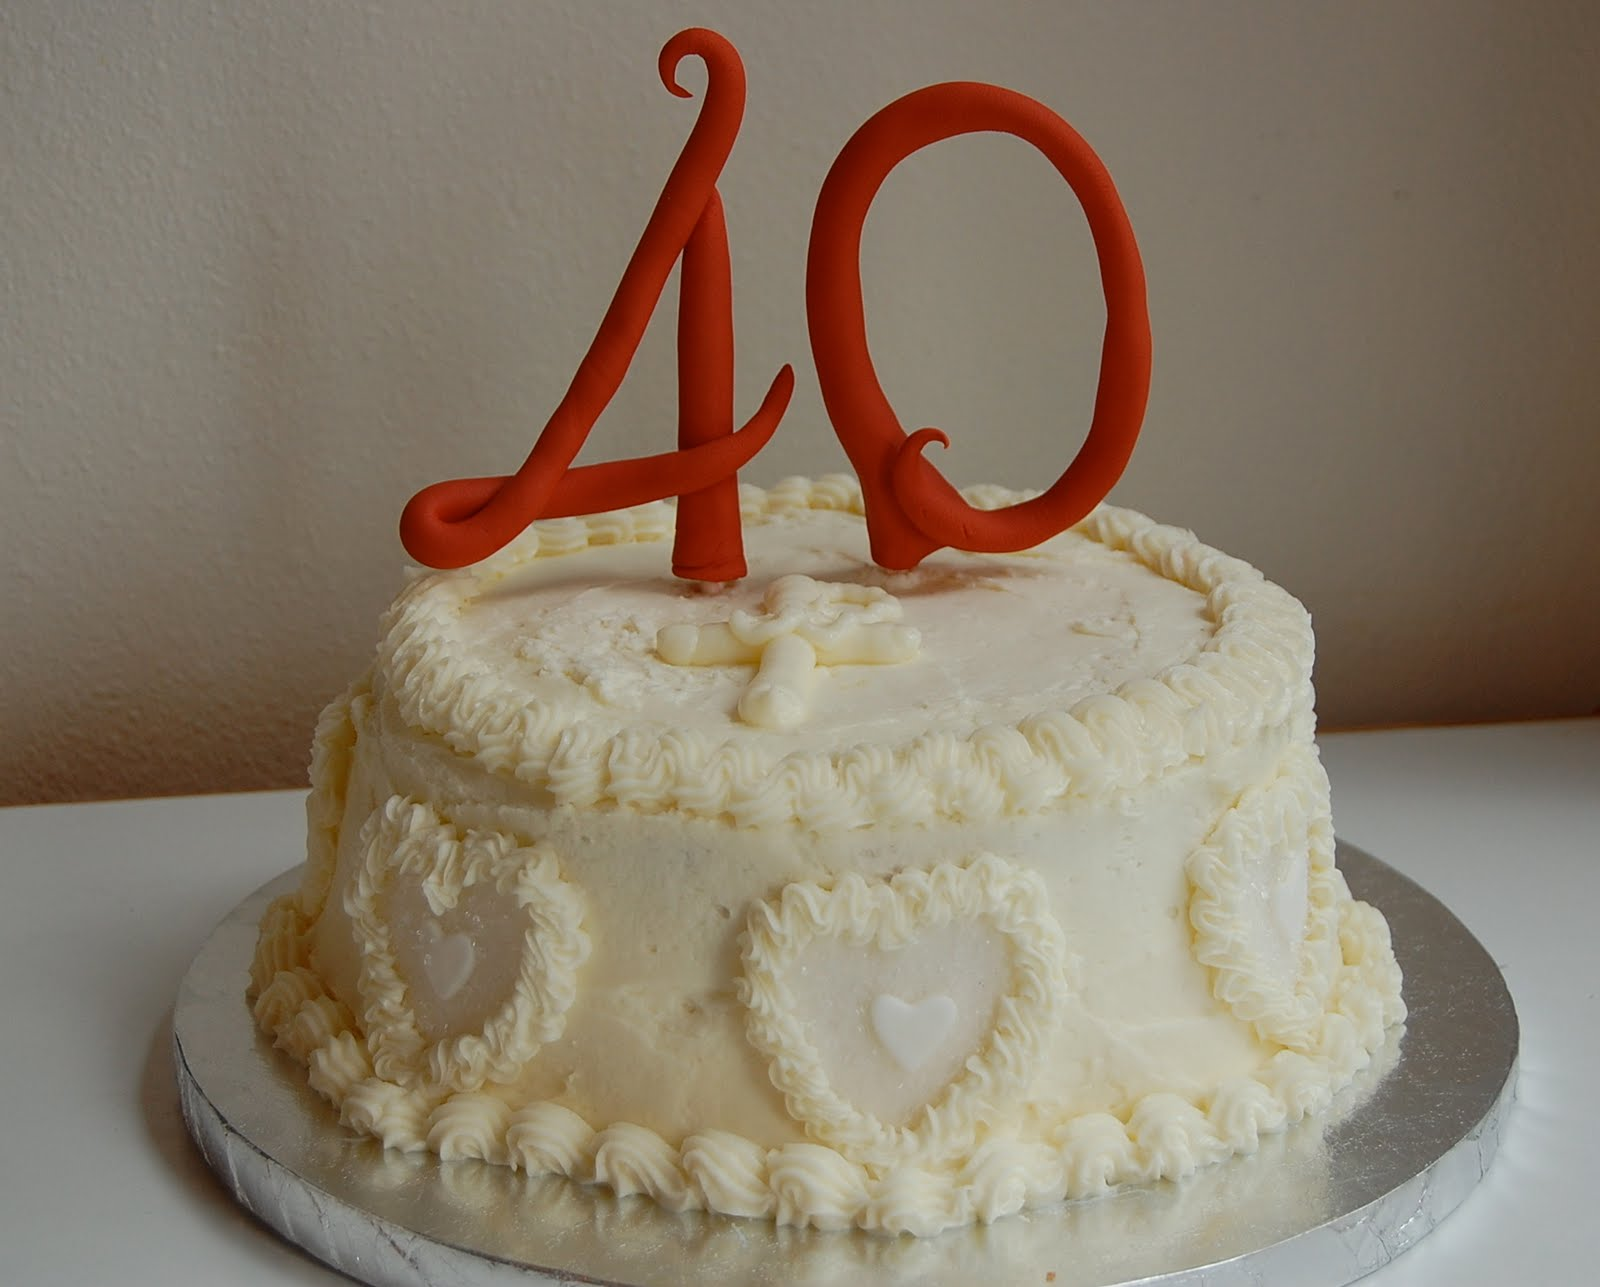 Поздравления с днем рождения с сорокалетием мужчине прикольные